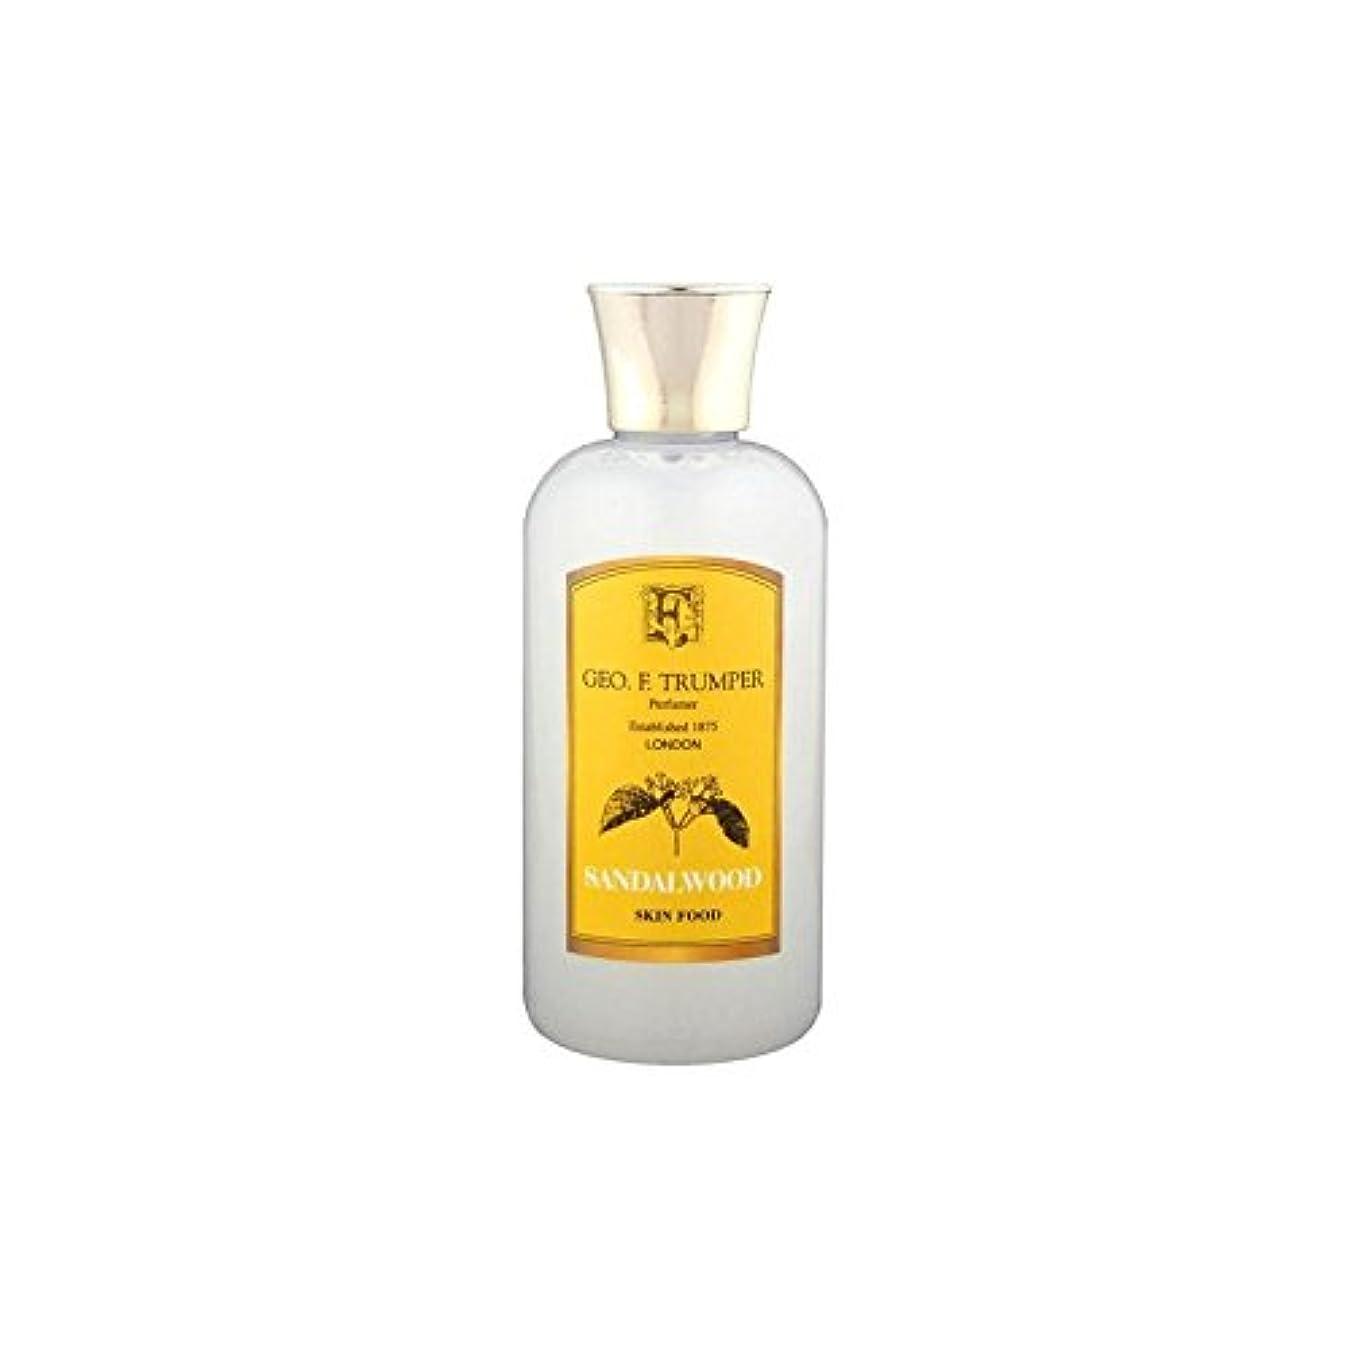 女王リアルホイールサンダルウッドスキンフード - 100ミリリットル旅 x4 - Trumpers Sandalwood Skin Food - 100ml Travel (Pack of 4) [並行輸入品]